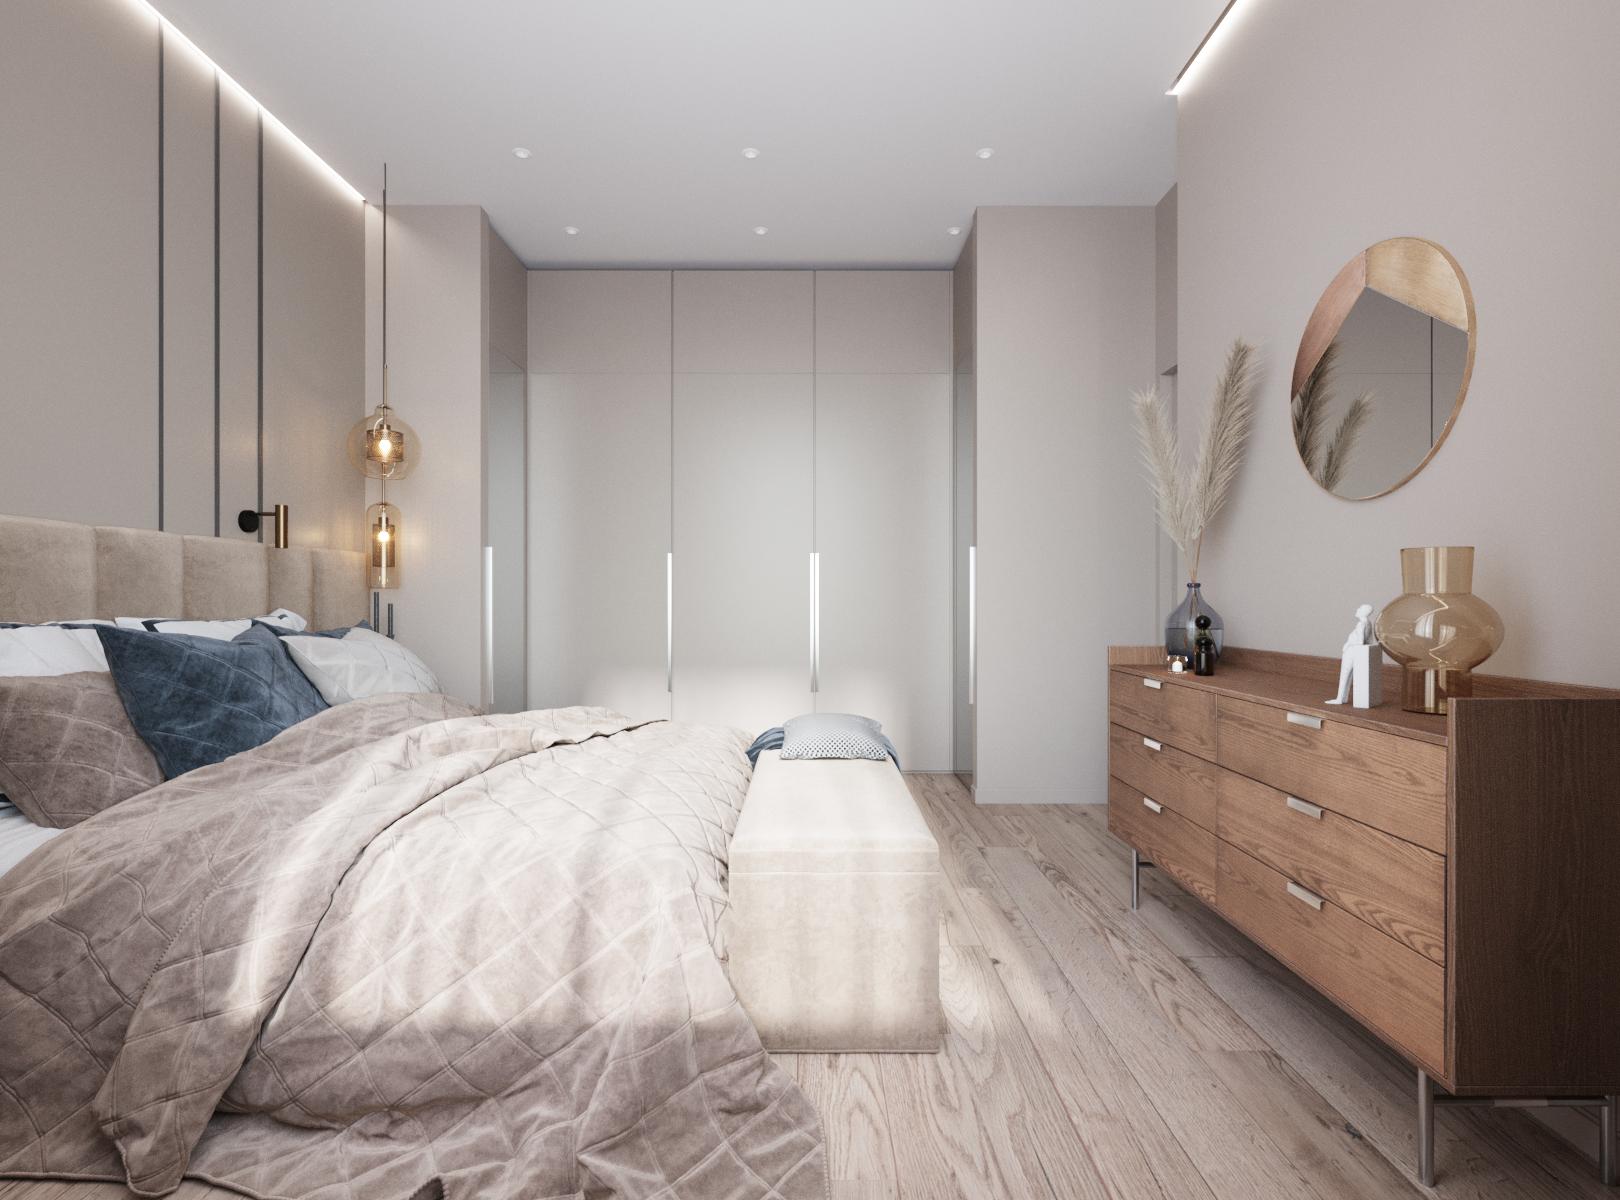 Деревянный комод, круглое зеркало и декор делают интерьер экологичным, продолжая единую концепцию дизайн проекта